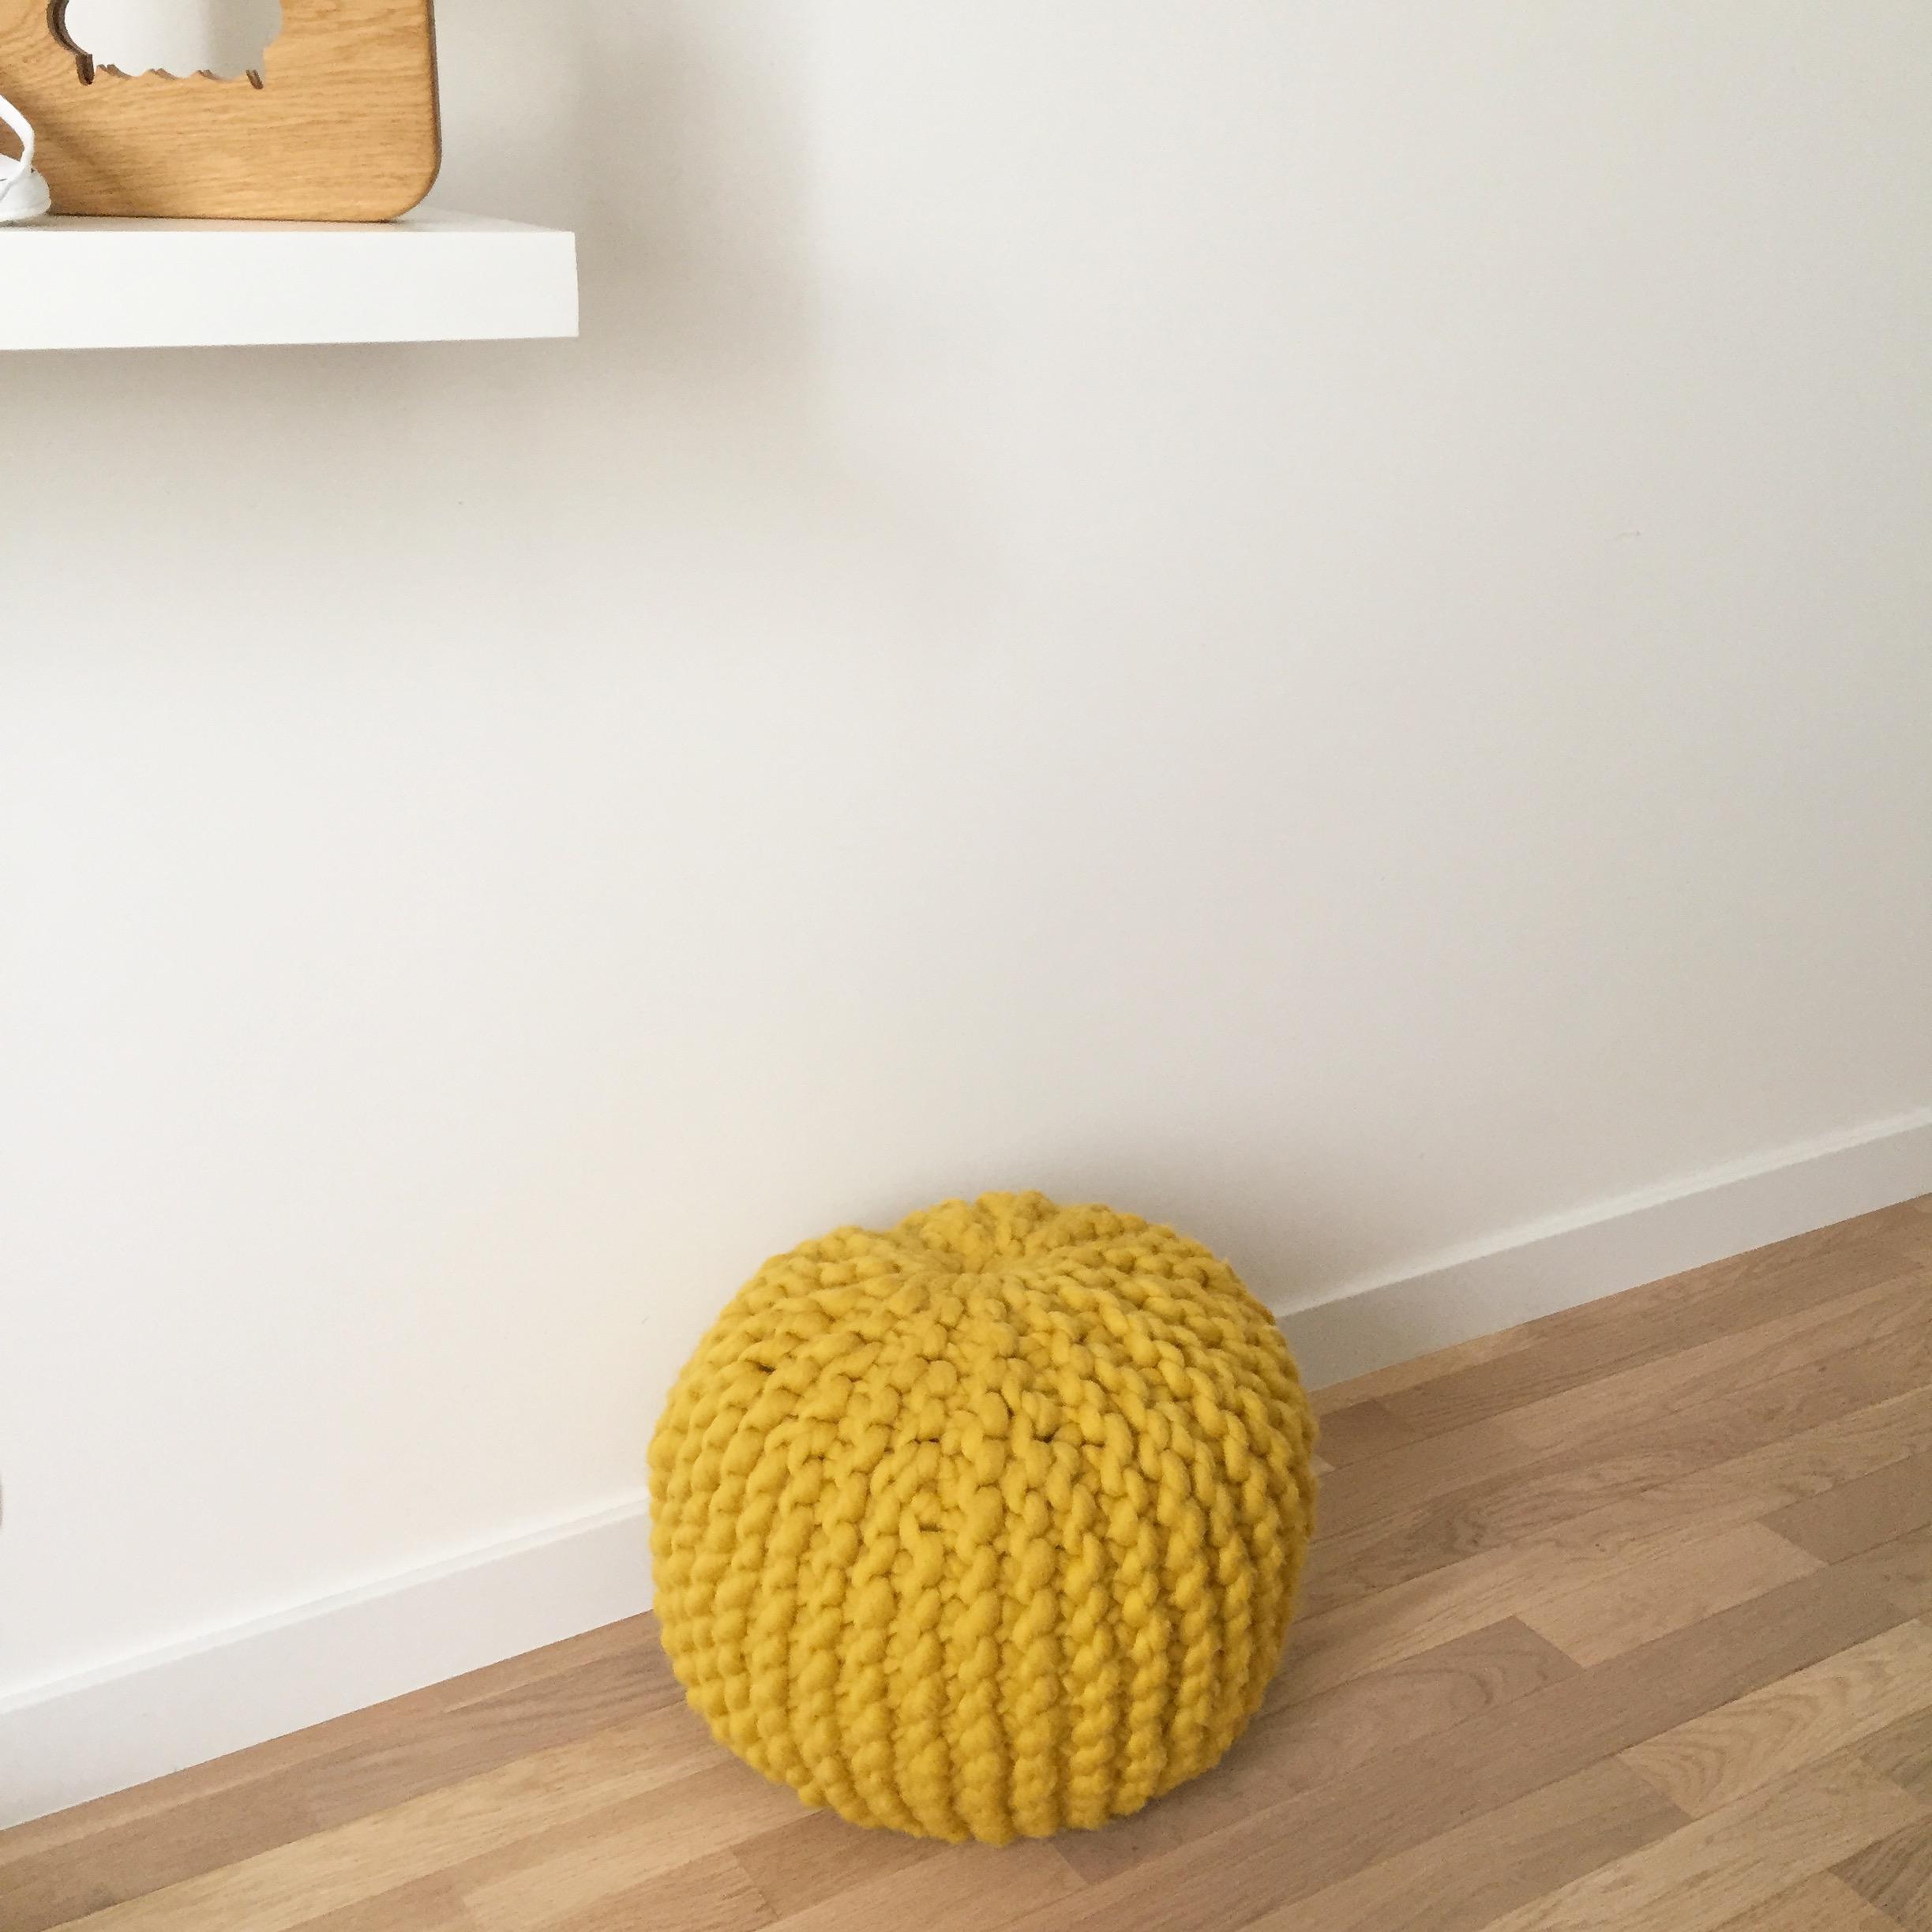 comment fabriquer un pouf amazing affaler juste avant le. Black Bedroom Furniture Sets. Home Design Ideas